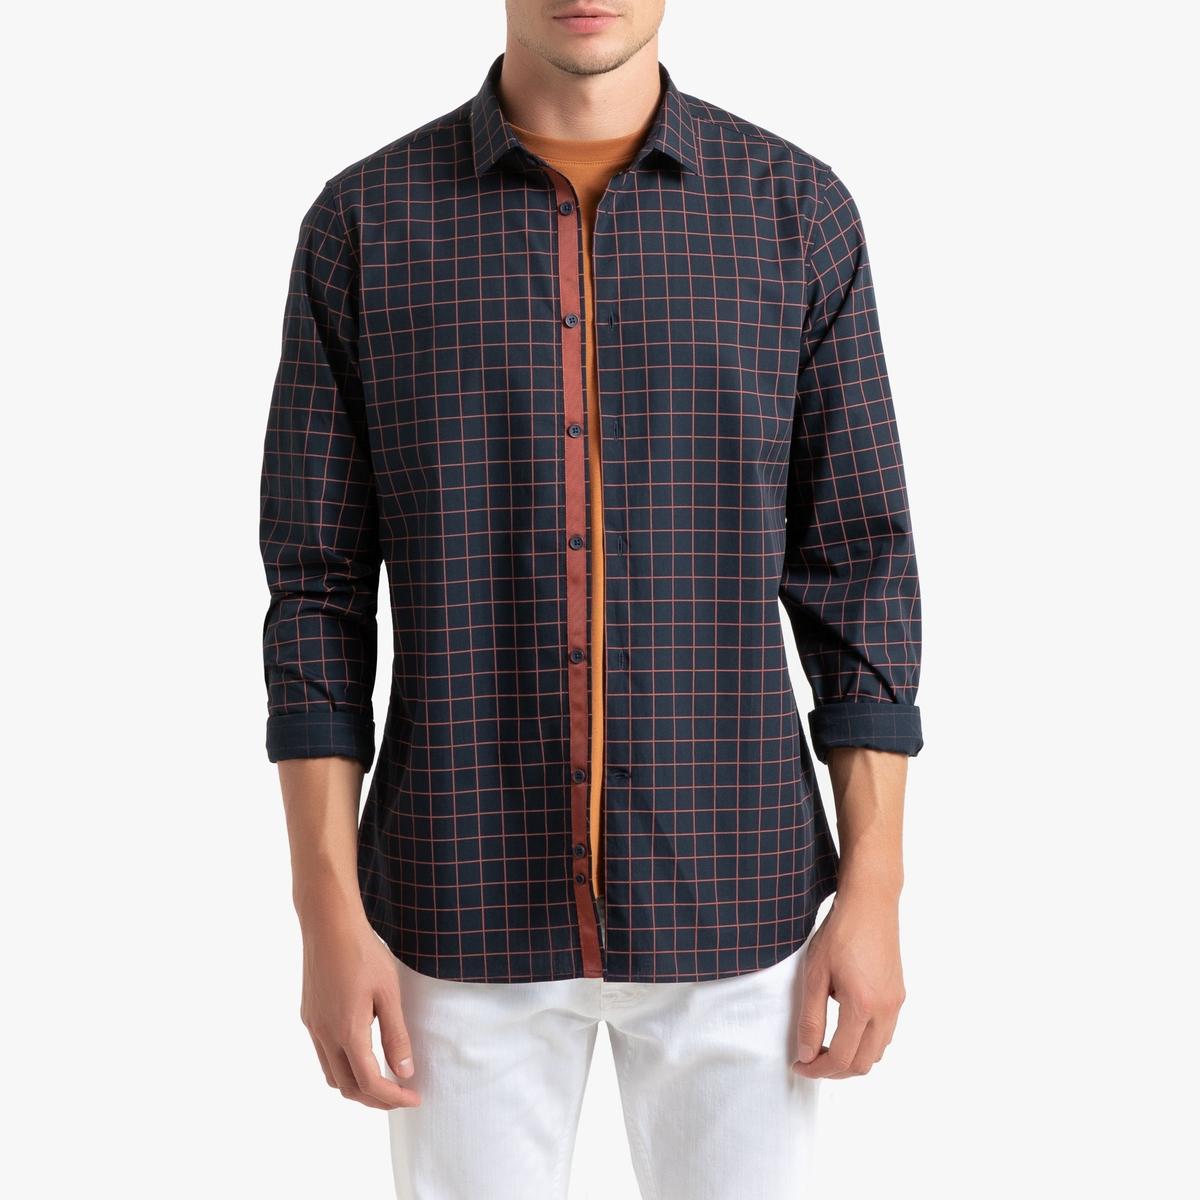 Рубашка La Redoute Прямого покроя с рисунком в клетку и длинными рукавами 45/46 синий рубашка la redoute прямого покроя в клетку с длинными рукавами 45 46 серый